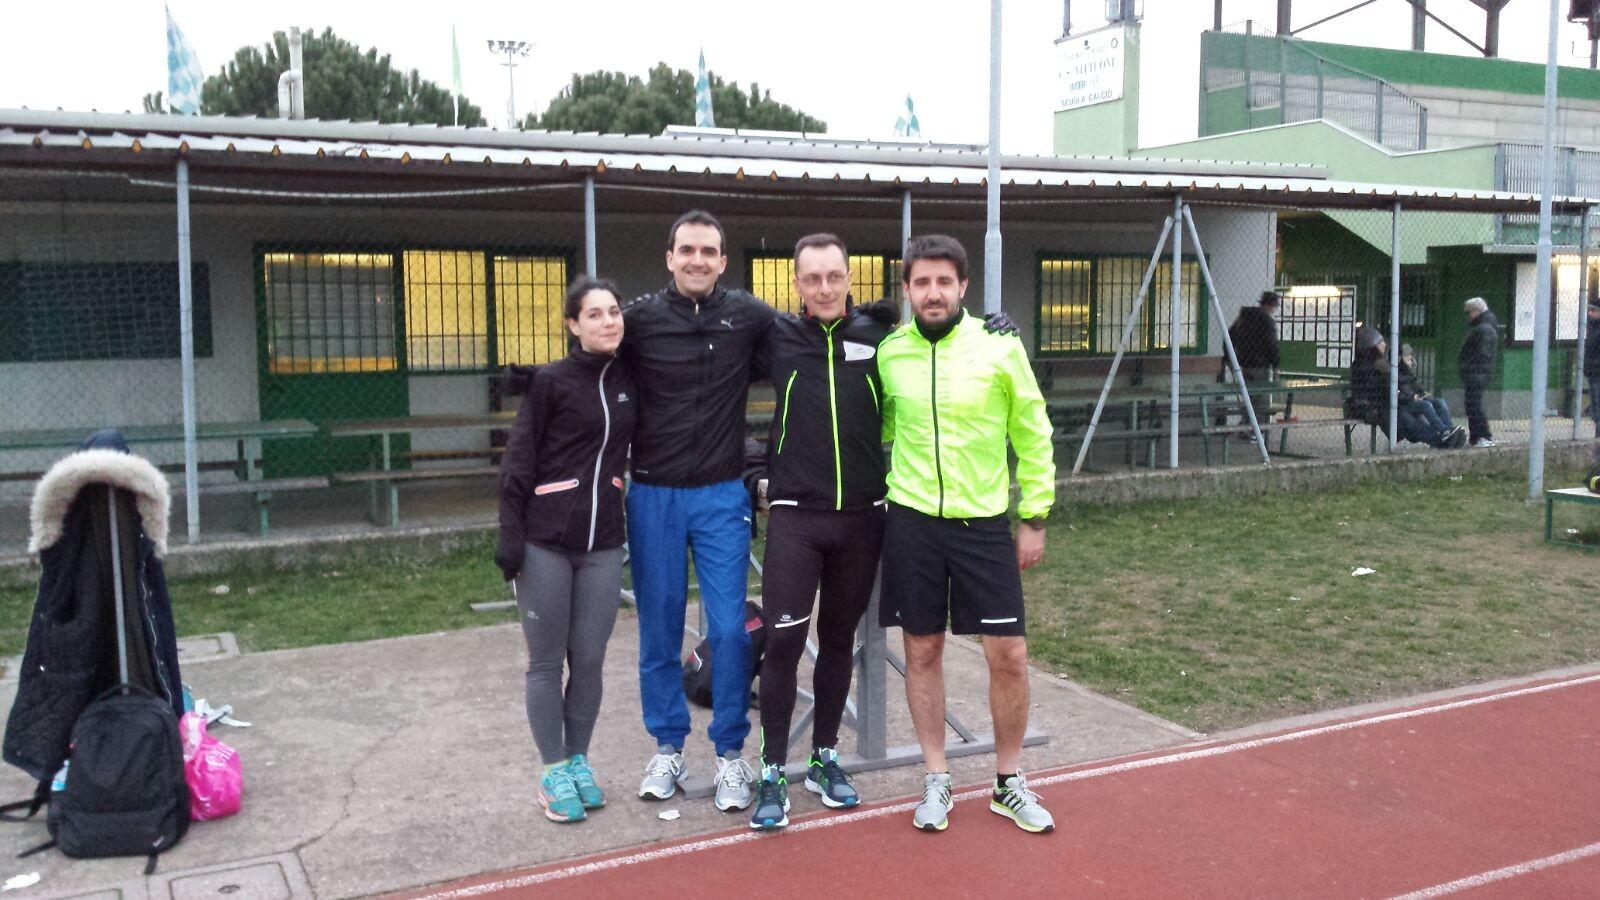 ABB CRAL Vittuone for AISM-Stefano Ciampichetti